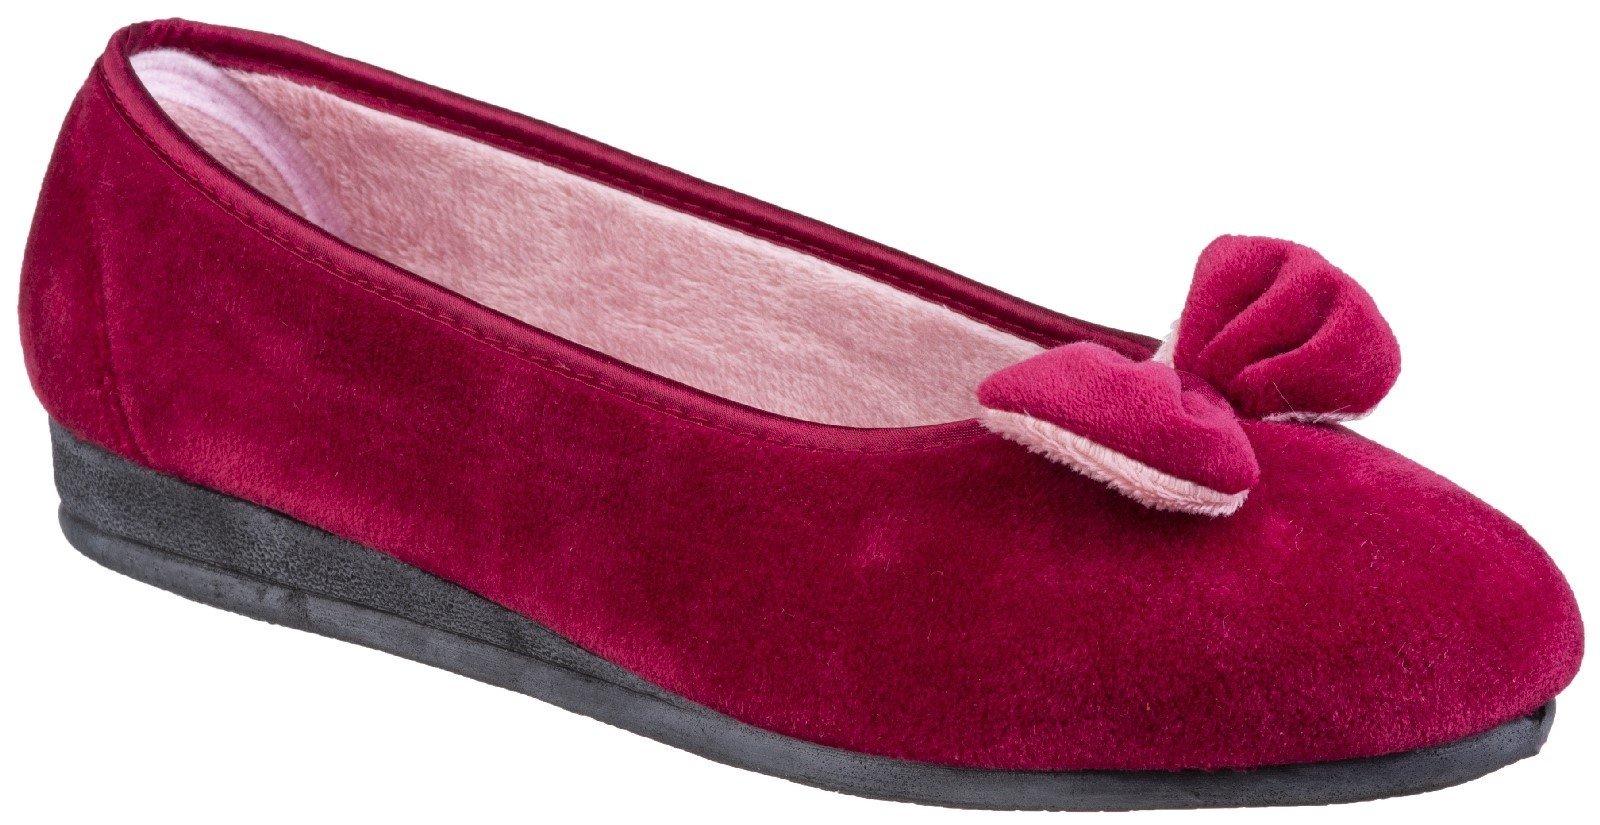 Fleet & Foster Women's Baltimore Slip On Slipper Various Colours 27197 - Red 3